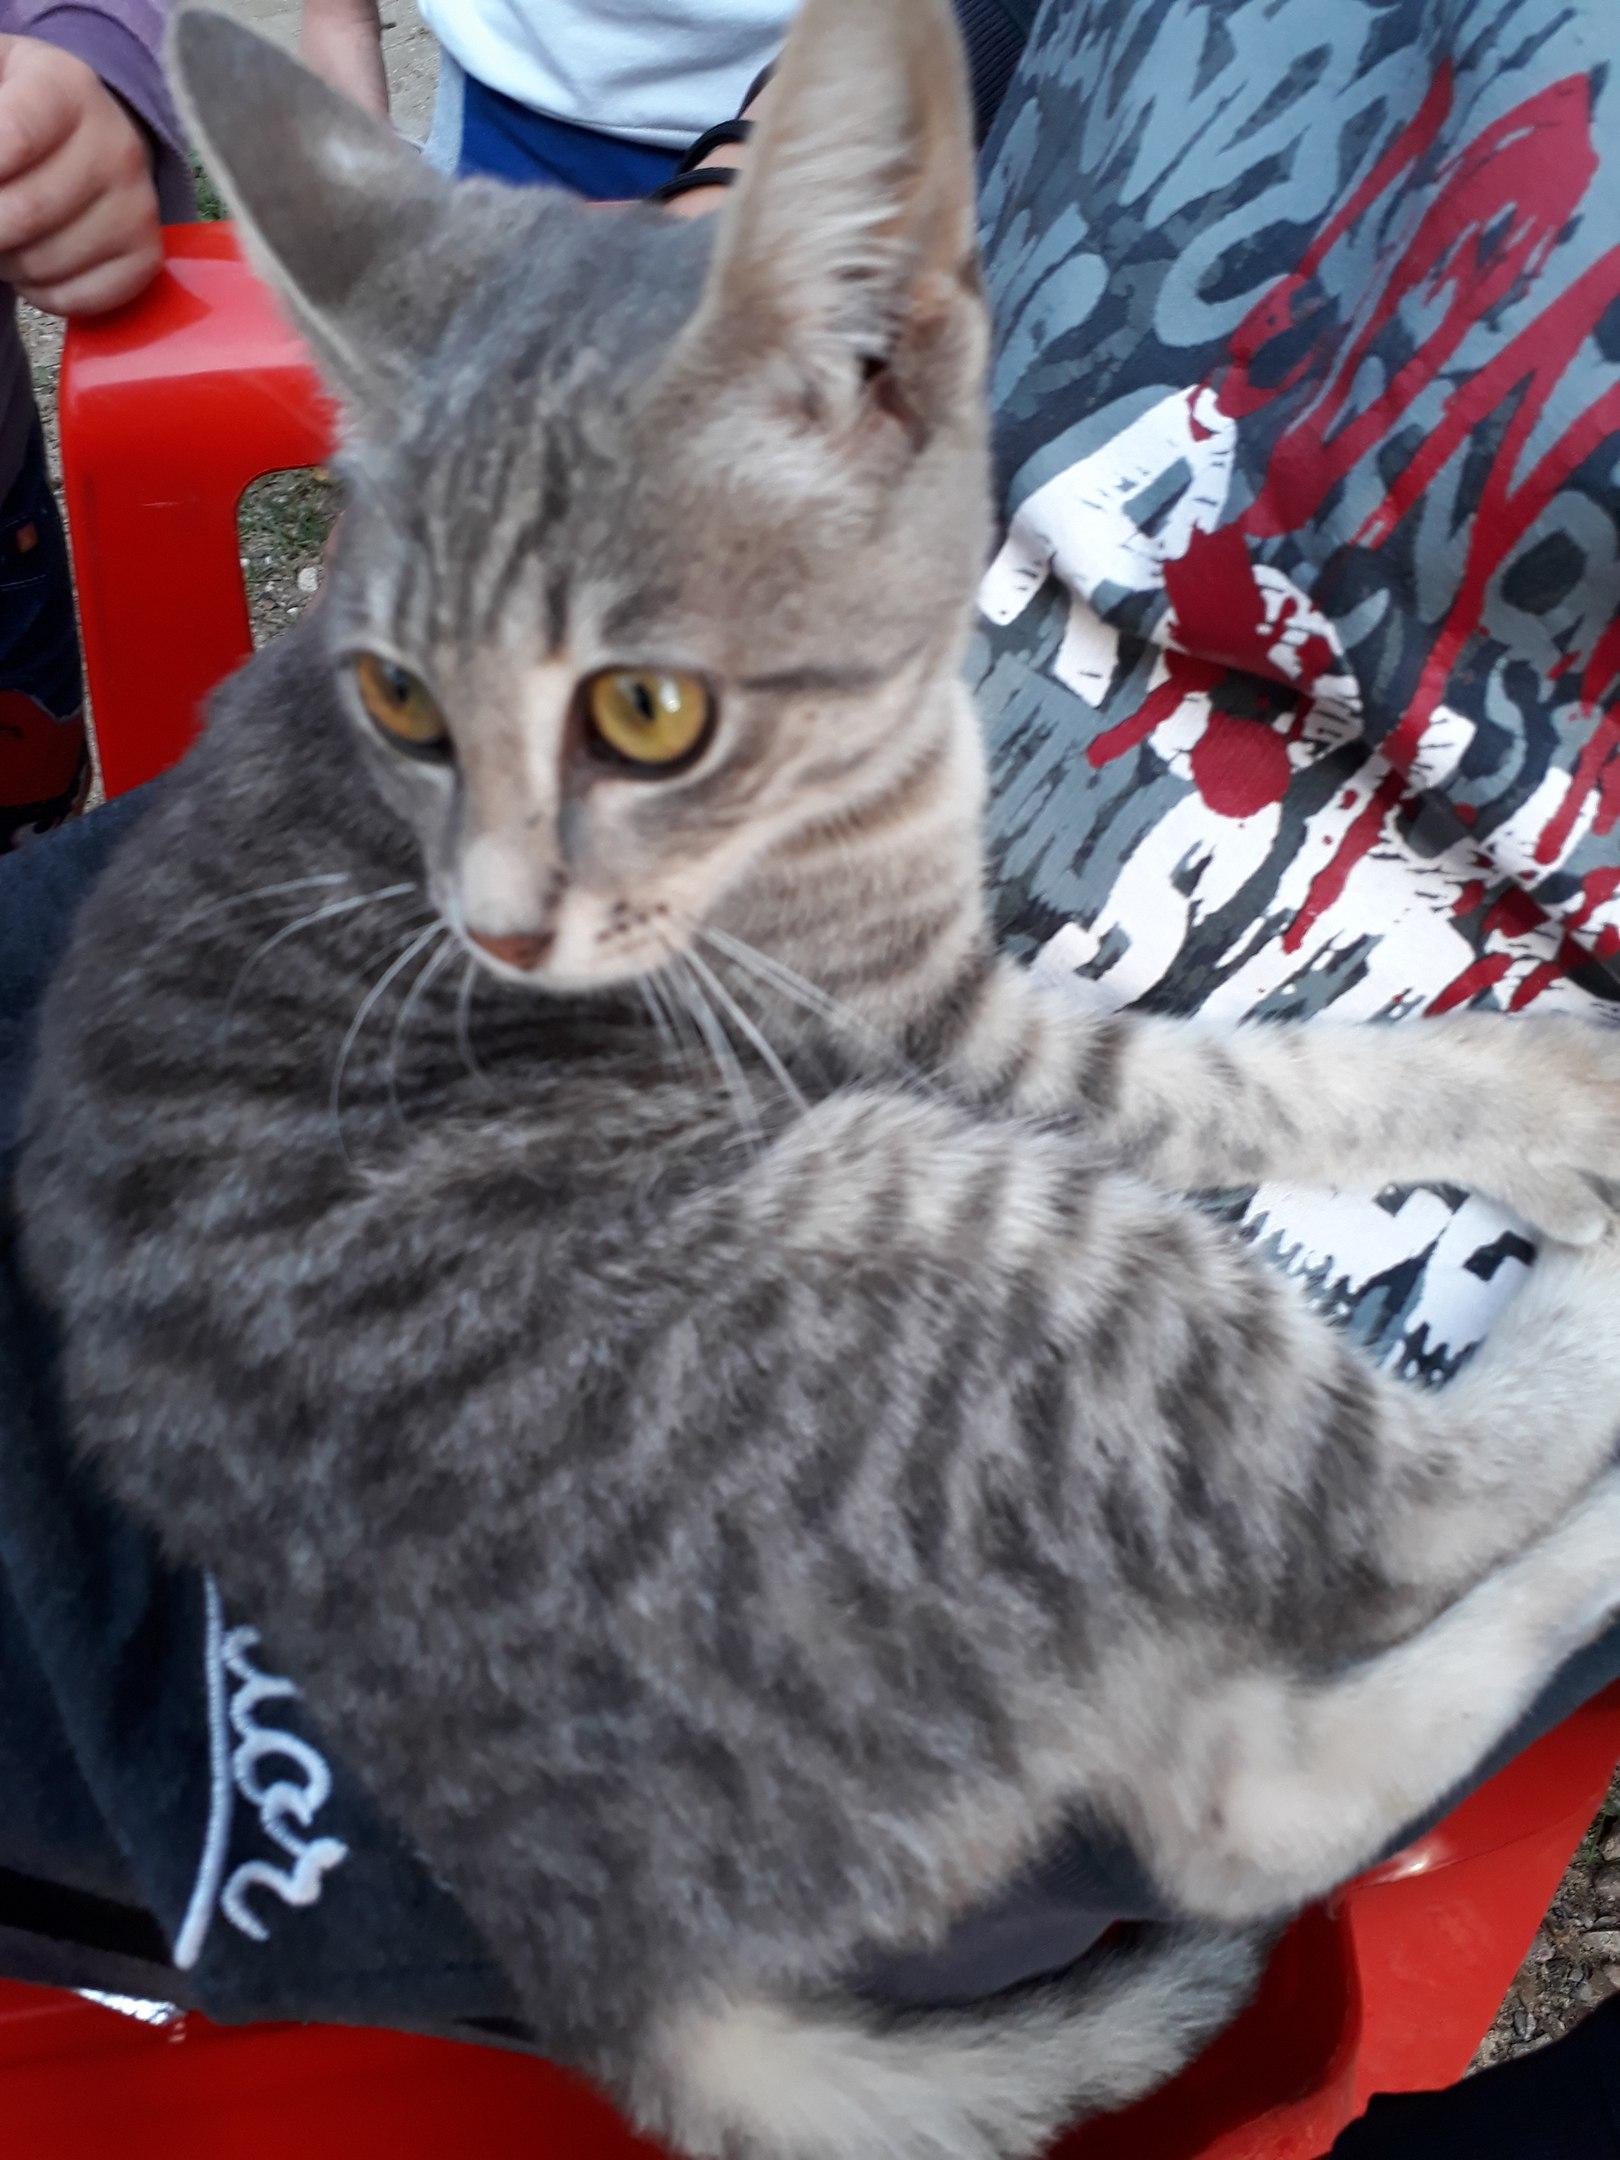 Она всё ещё ждёт своего хозяина, что бы стать ему верным другом))))) Ласковая, дымчатая кошечка, очень милая, не привередливая, живёт пока в подъезде на коврике((((